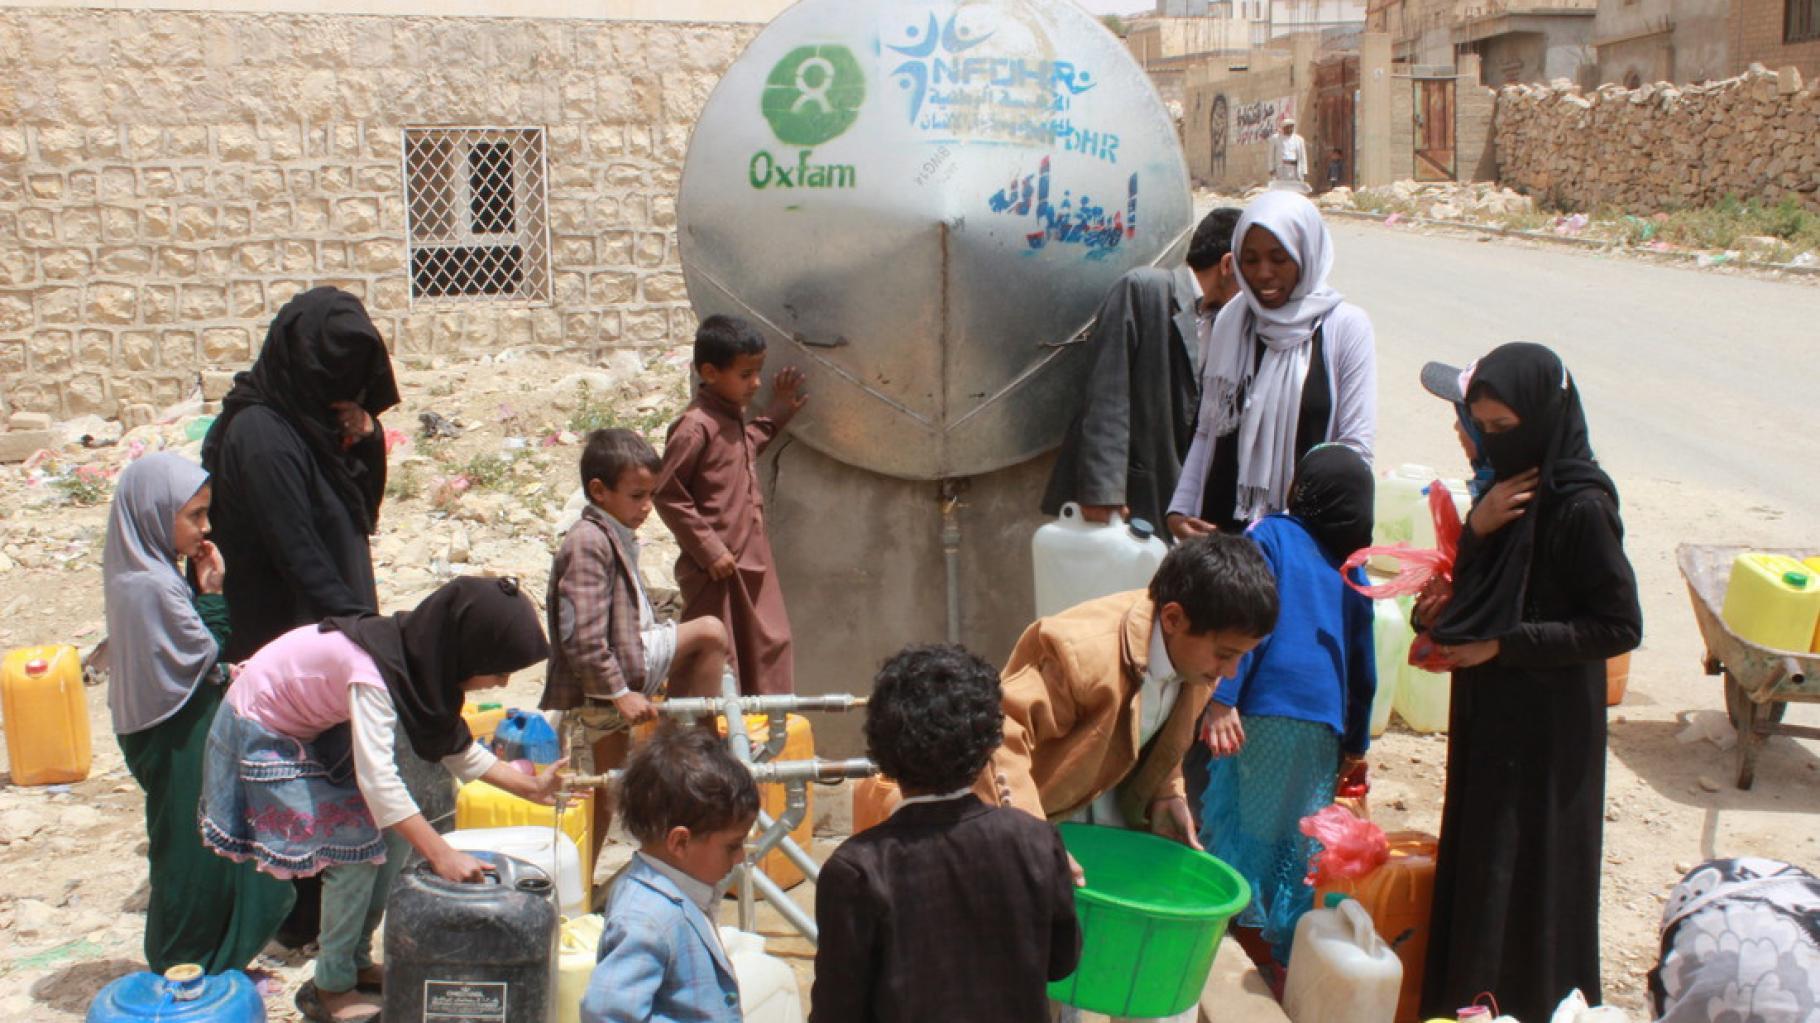 Frauen und Kinder holen Wasser an einem Tank in Khamir im Jemen.